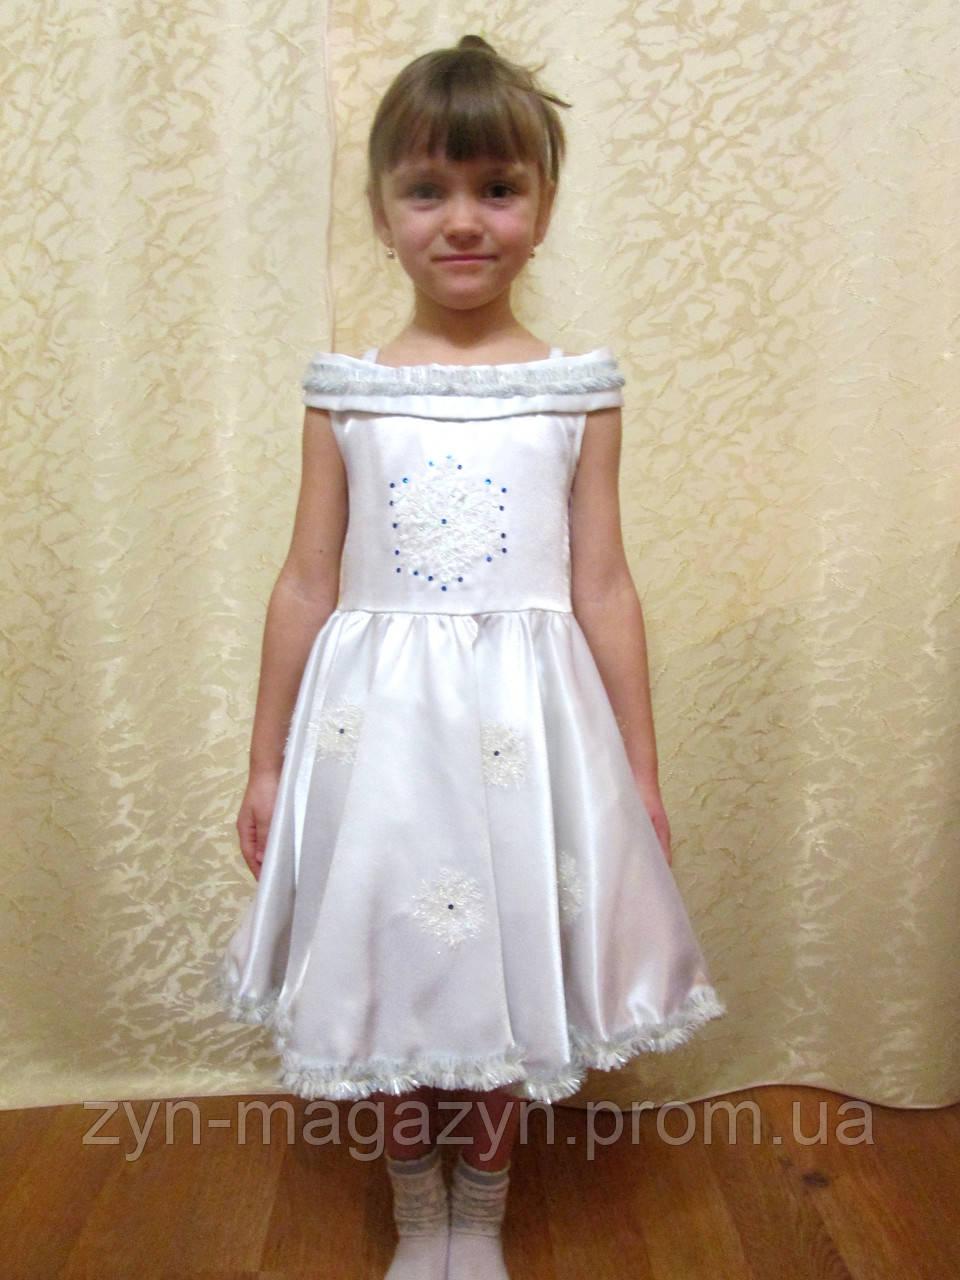 песня чай вдвоем белое платье текст песни